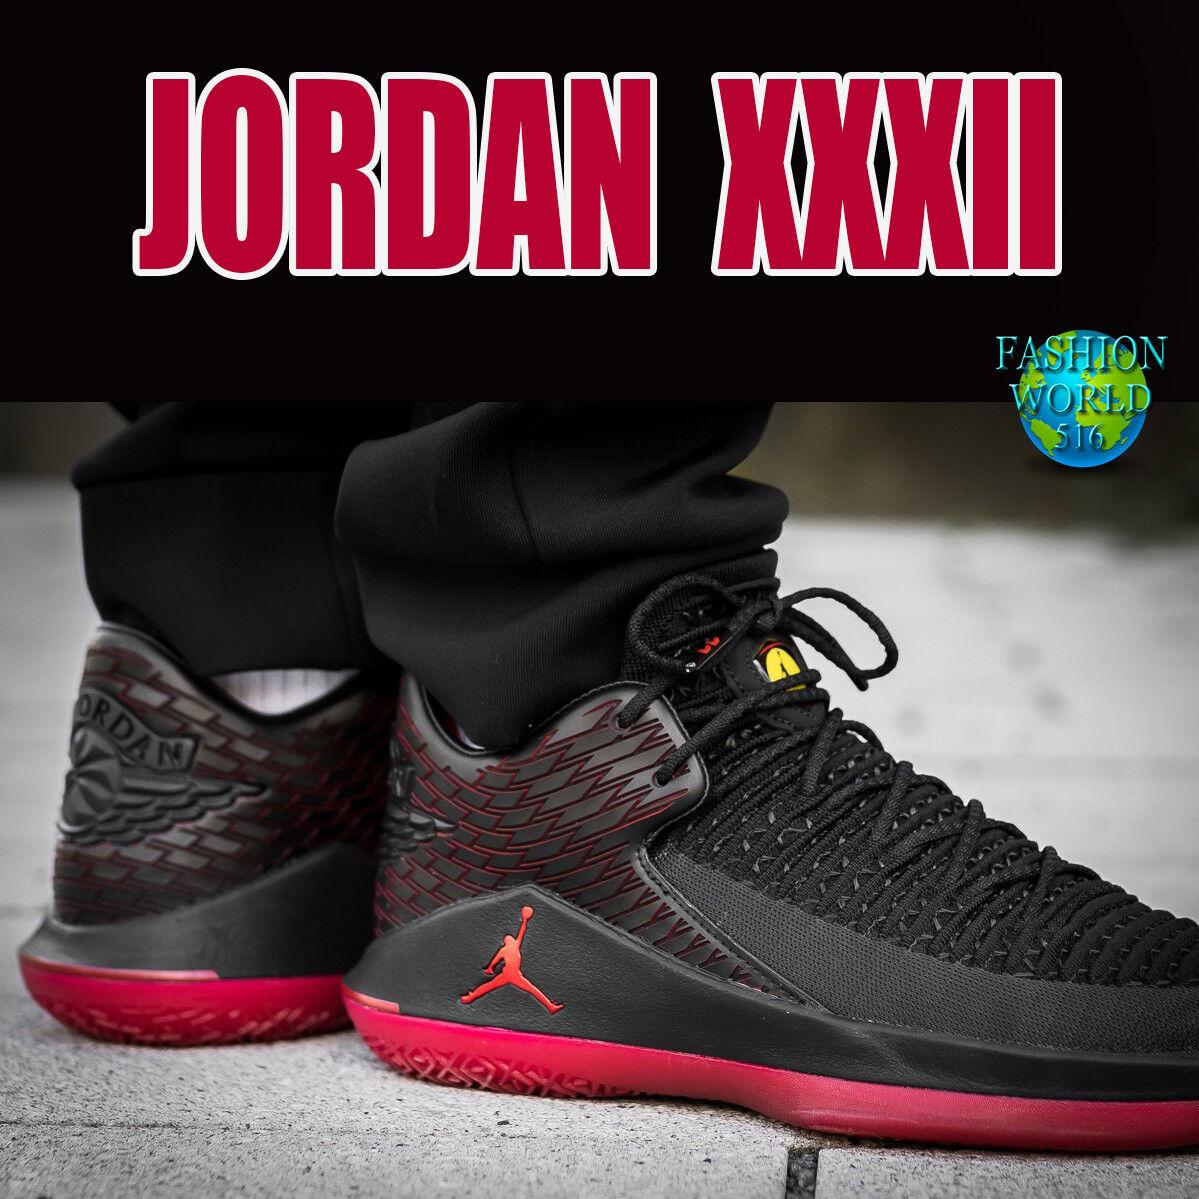 Nike air jordan uomo numero 13, xxxii, basso maschile di basket scarpa aa1256-003 nero